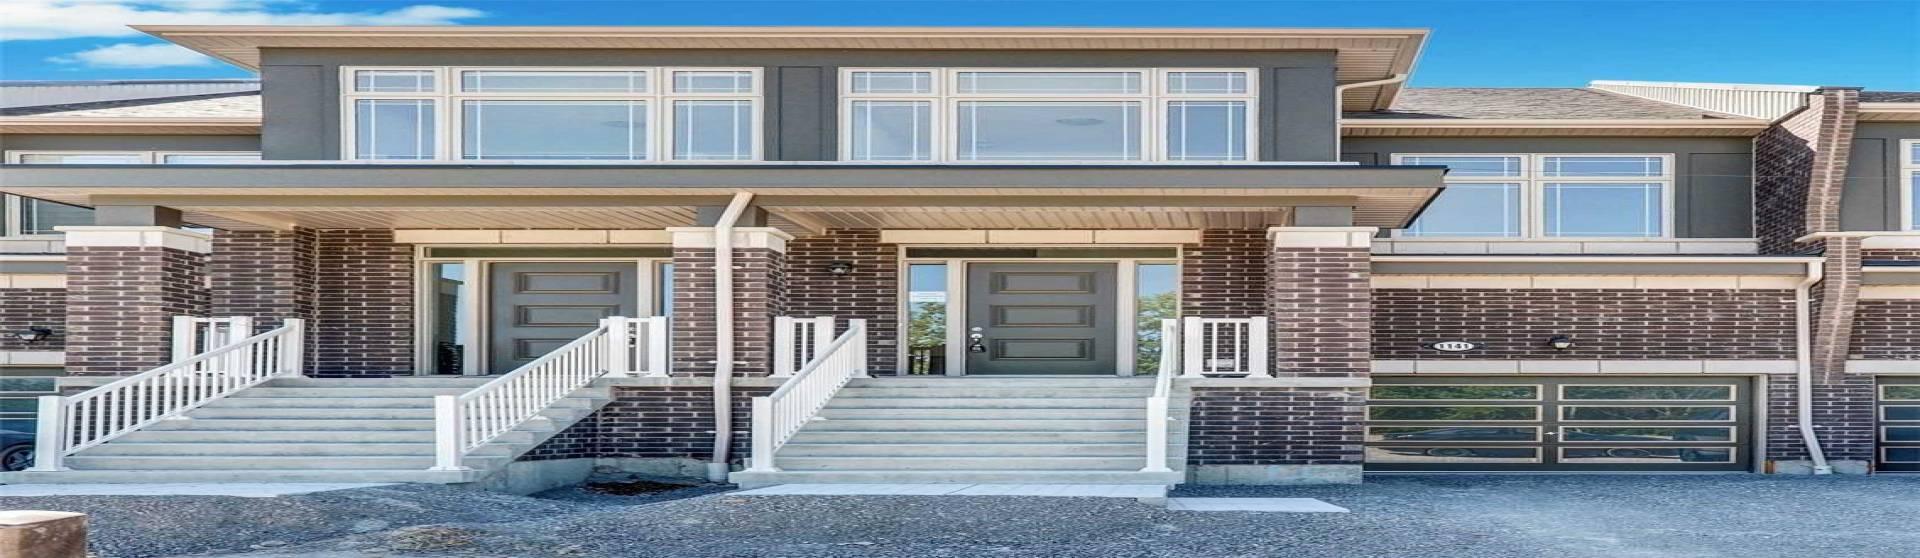 1141 Sepia Sq- Pickering- Ontario L1X0H1, 3 Bedrooms Bedrooms, 6 Rooms Rooms,4 BathroomsBathrooms,Att/row/twnhouse,Lease,Sepia,E4812199